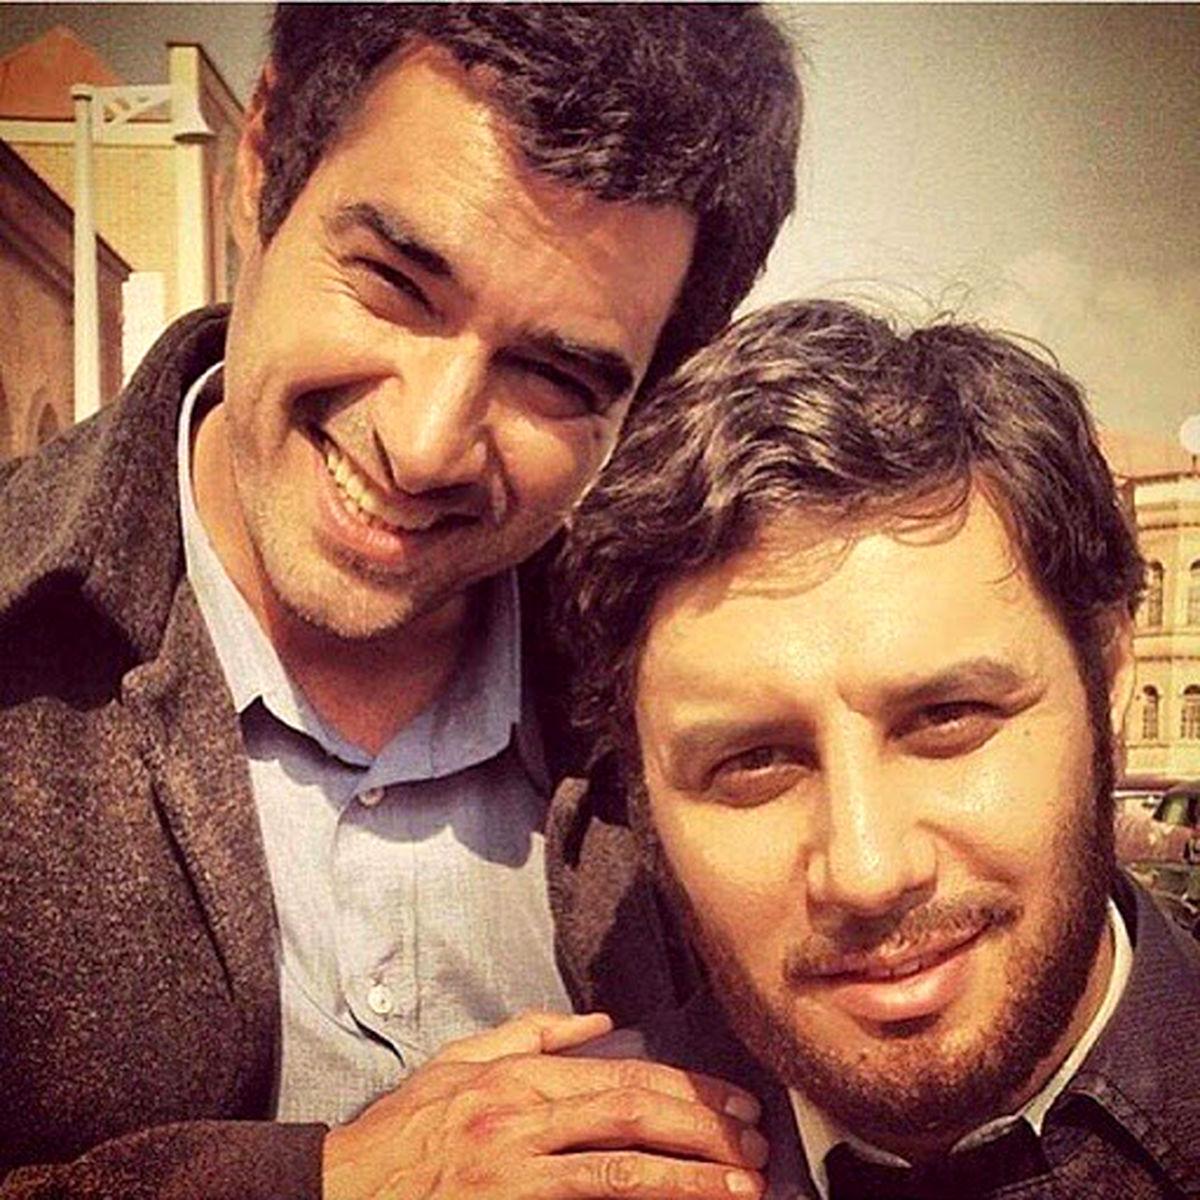 شوخی جنجالی شهاب حسینی با جواد عزتی + فیلم